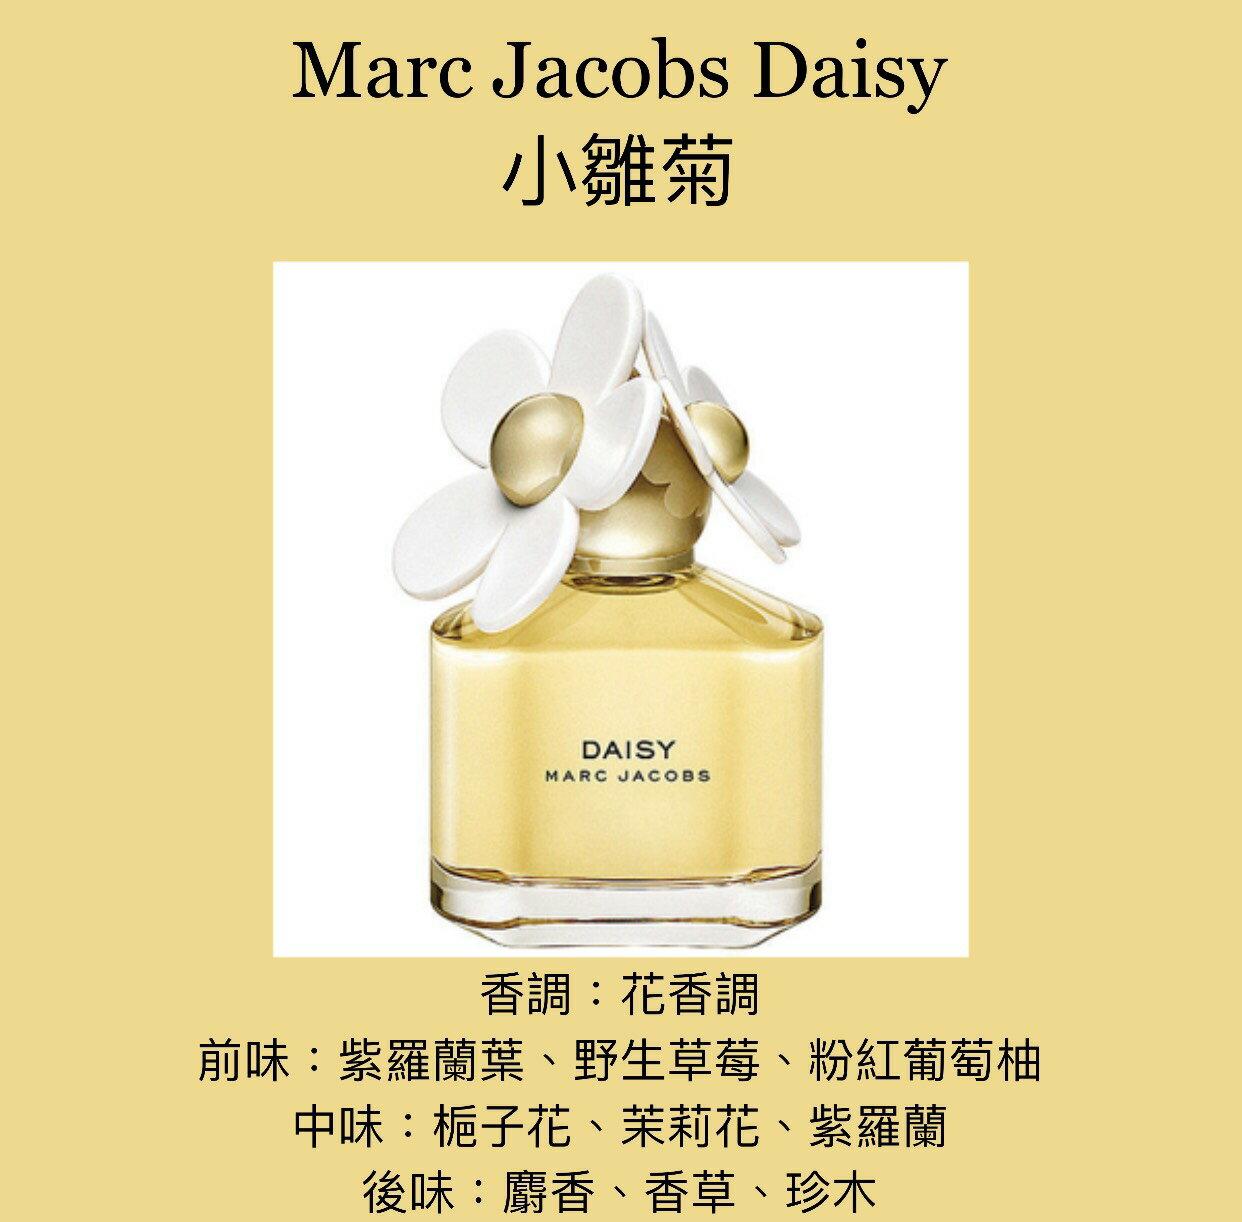 【香舍】Marc Jacobs Daisy 小雛菊 女性淡香水 50ML/100ML